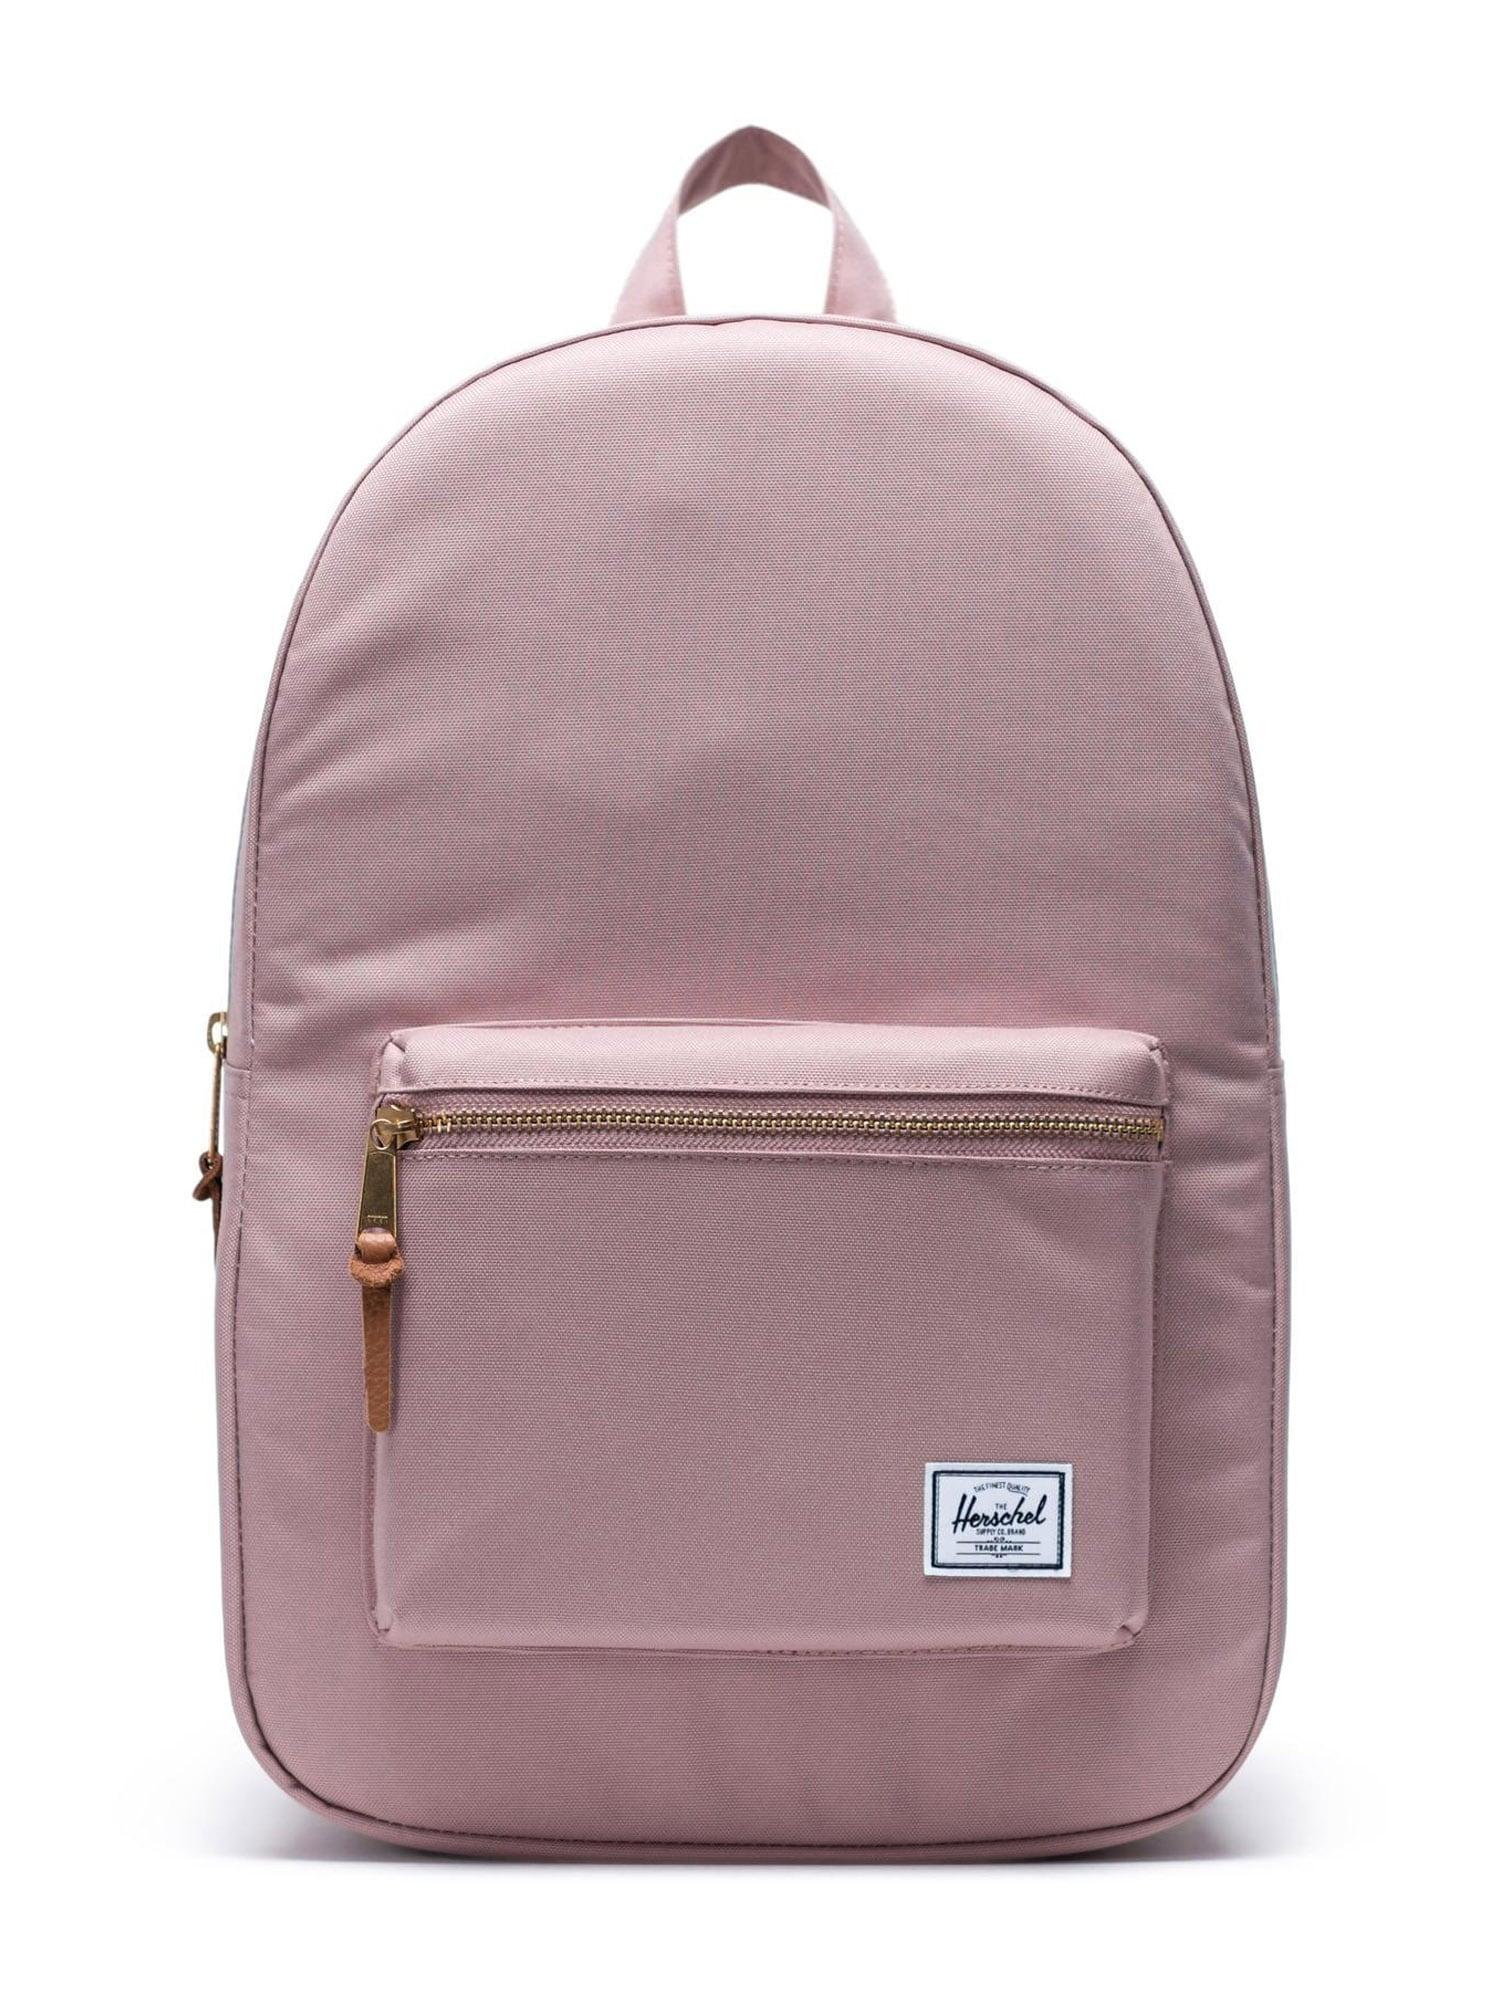 Herschel Kuprinė ryškiai rožinė spalva